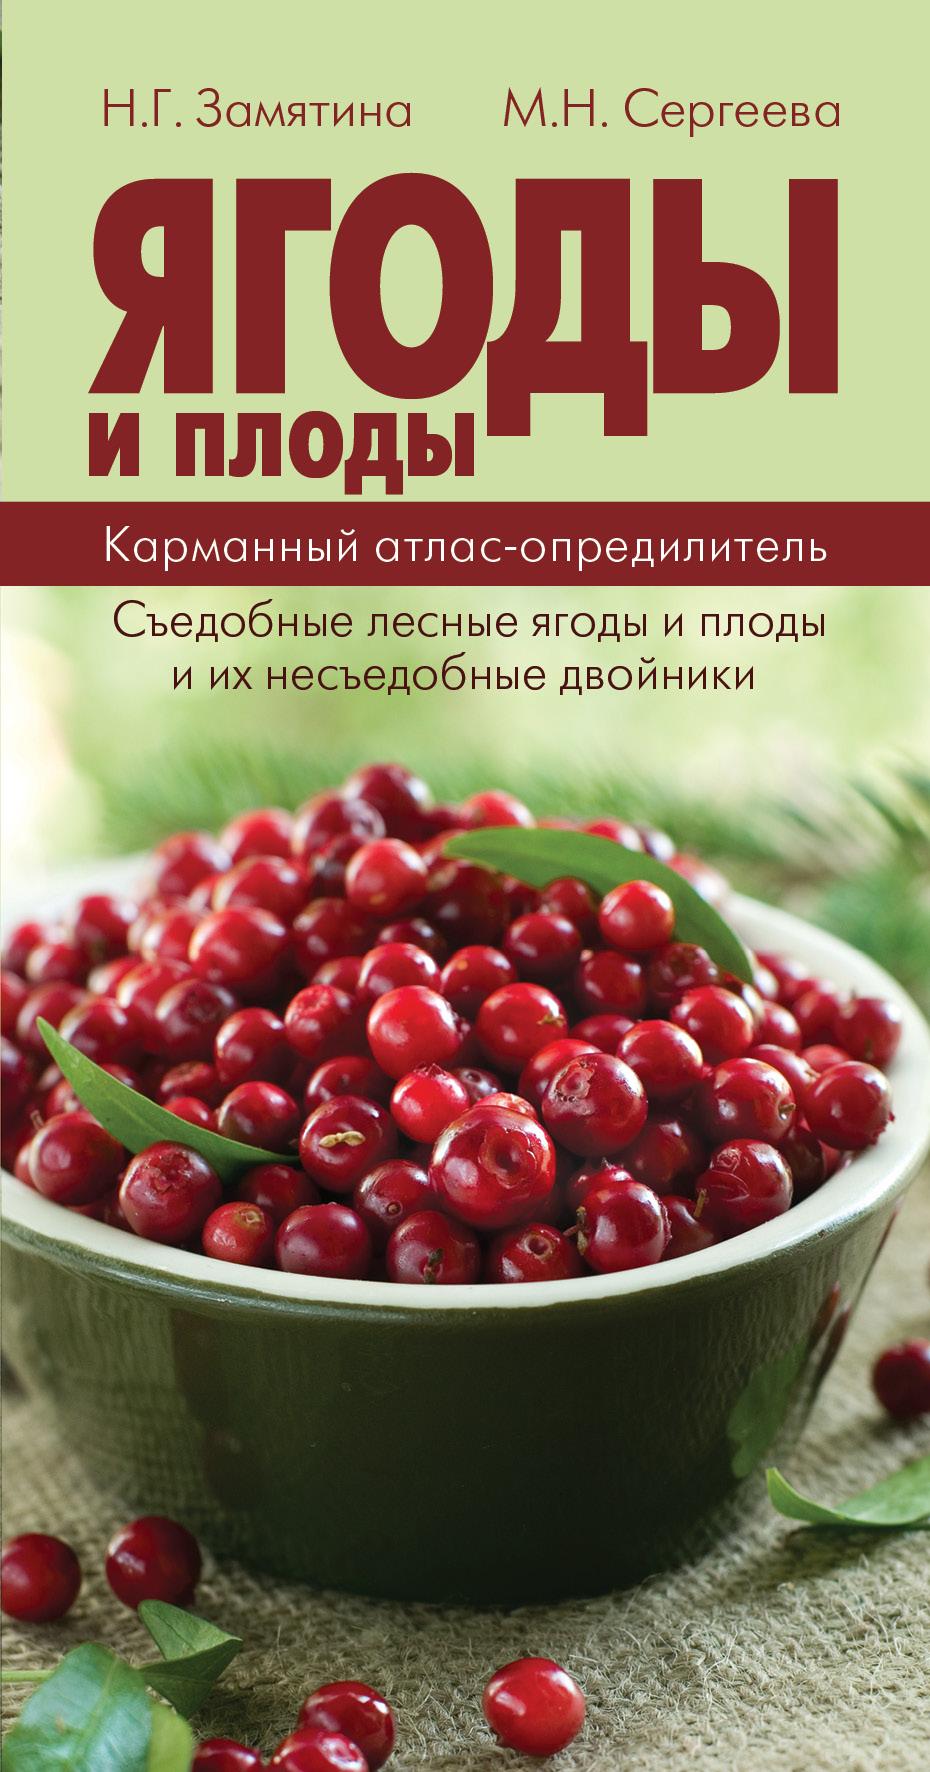 Ягоды и плоды. Карманный атлас-определитель ( 978-5-17-085433-2 )